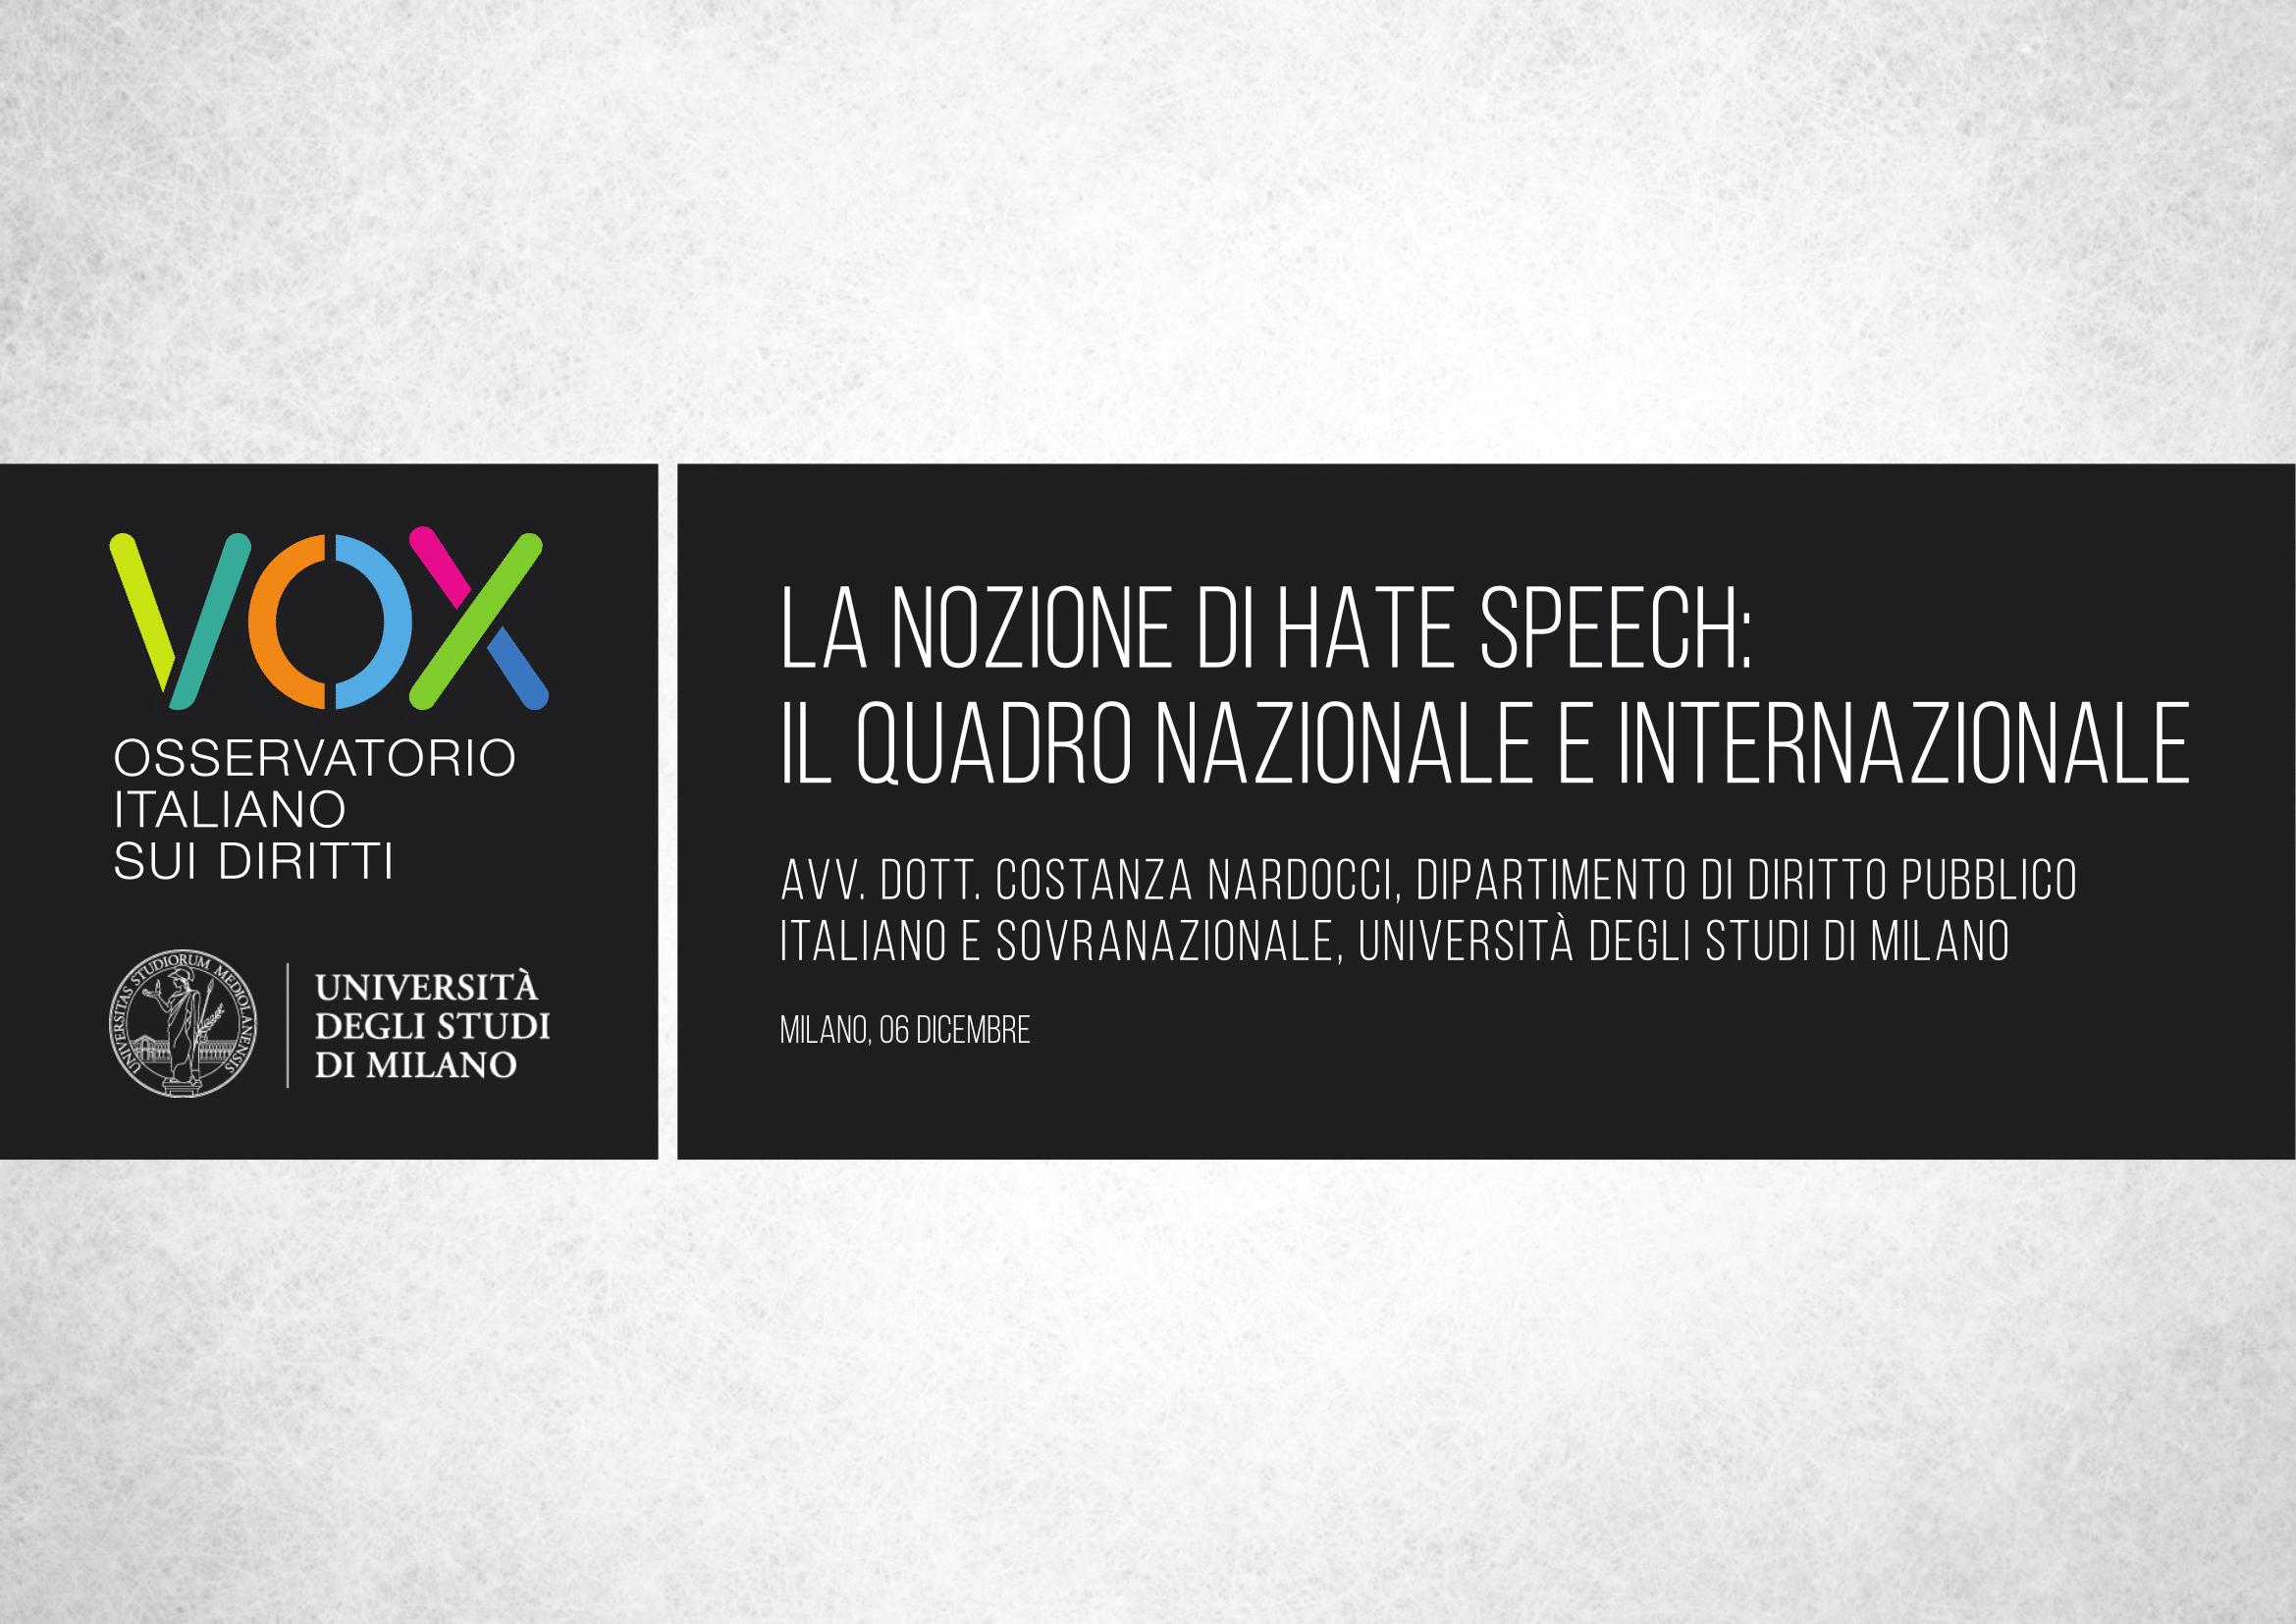 Presentazione delle slide di Costanza Nardocci, approfondimento giuridico sull'odio